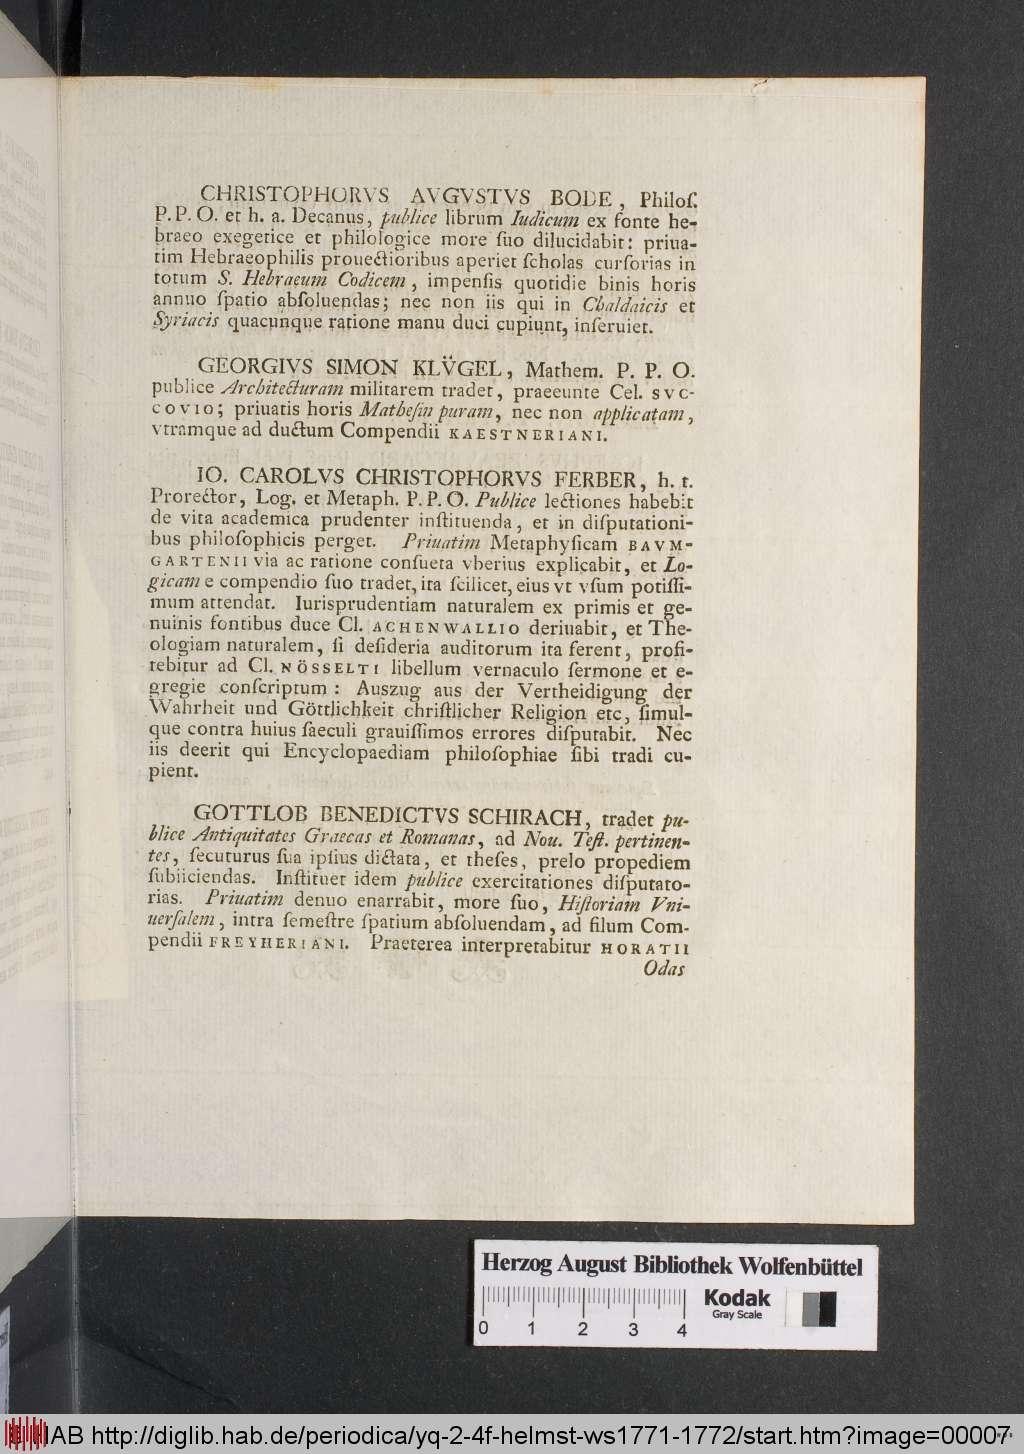 http://diglib.hab.de/periodica/yq-2-4f-helmst-ws1771-1772/00007.jpg